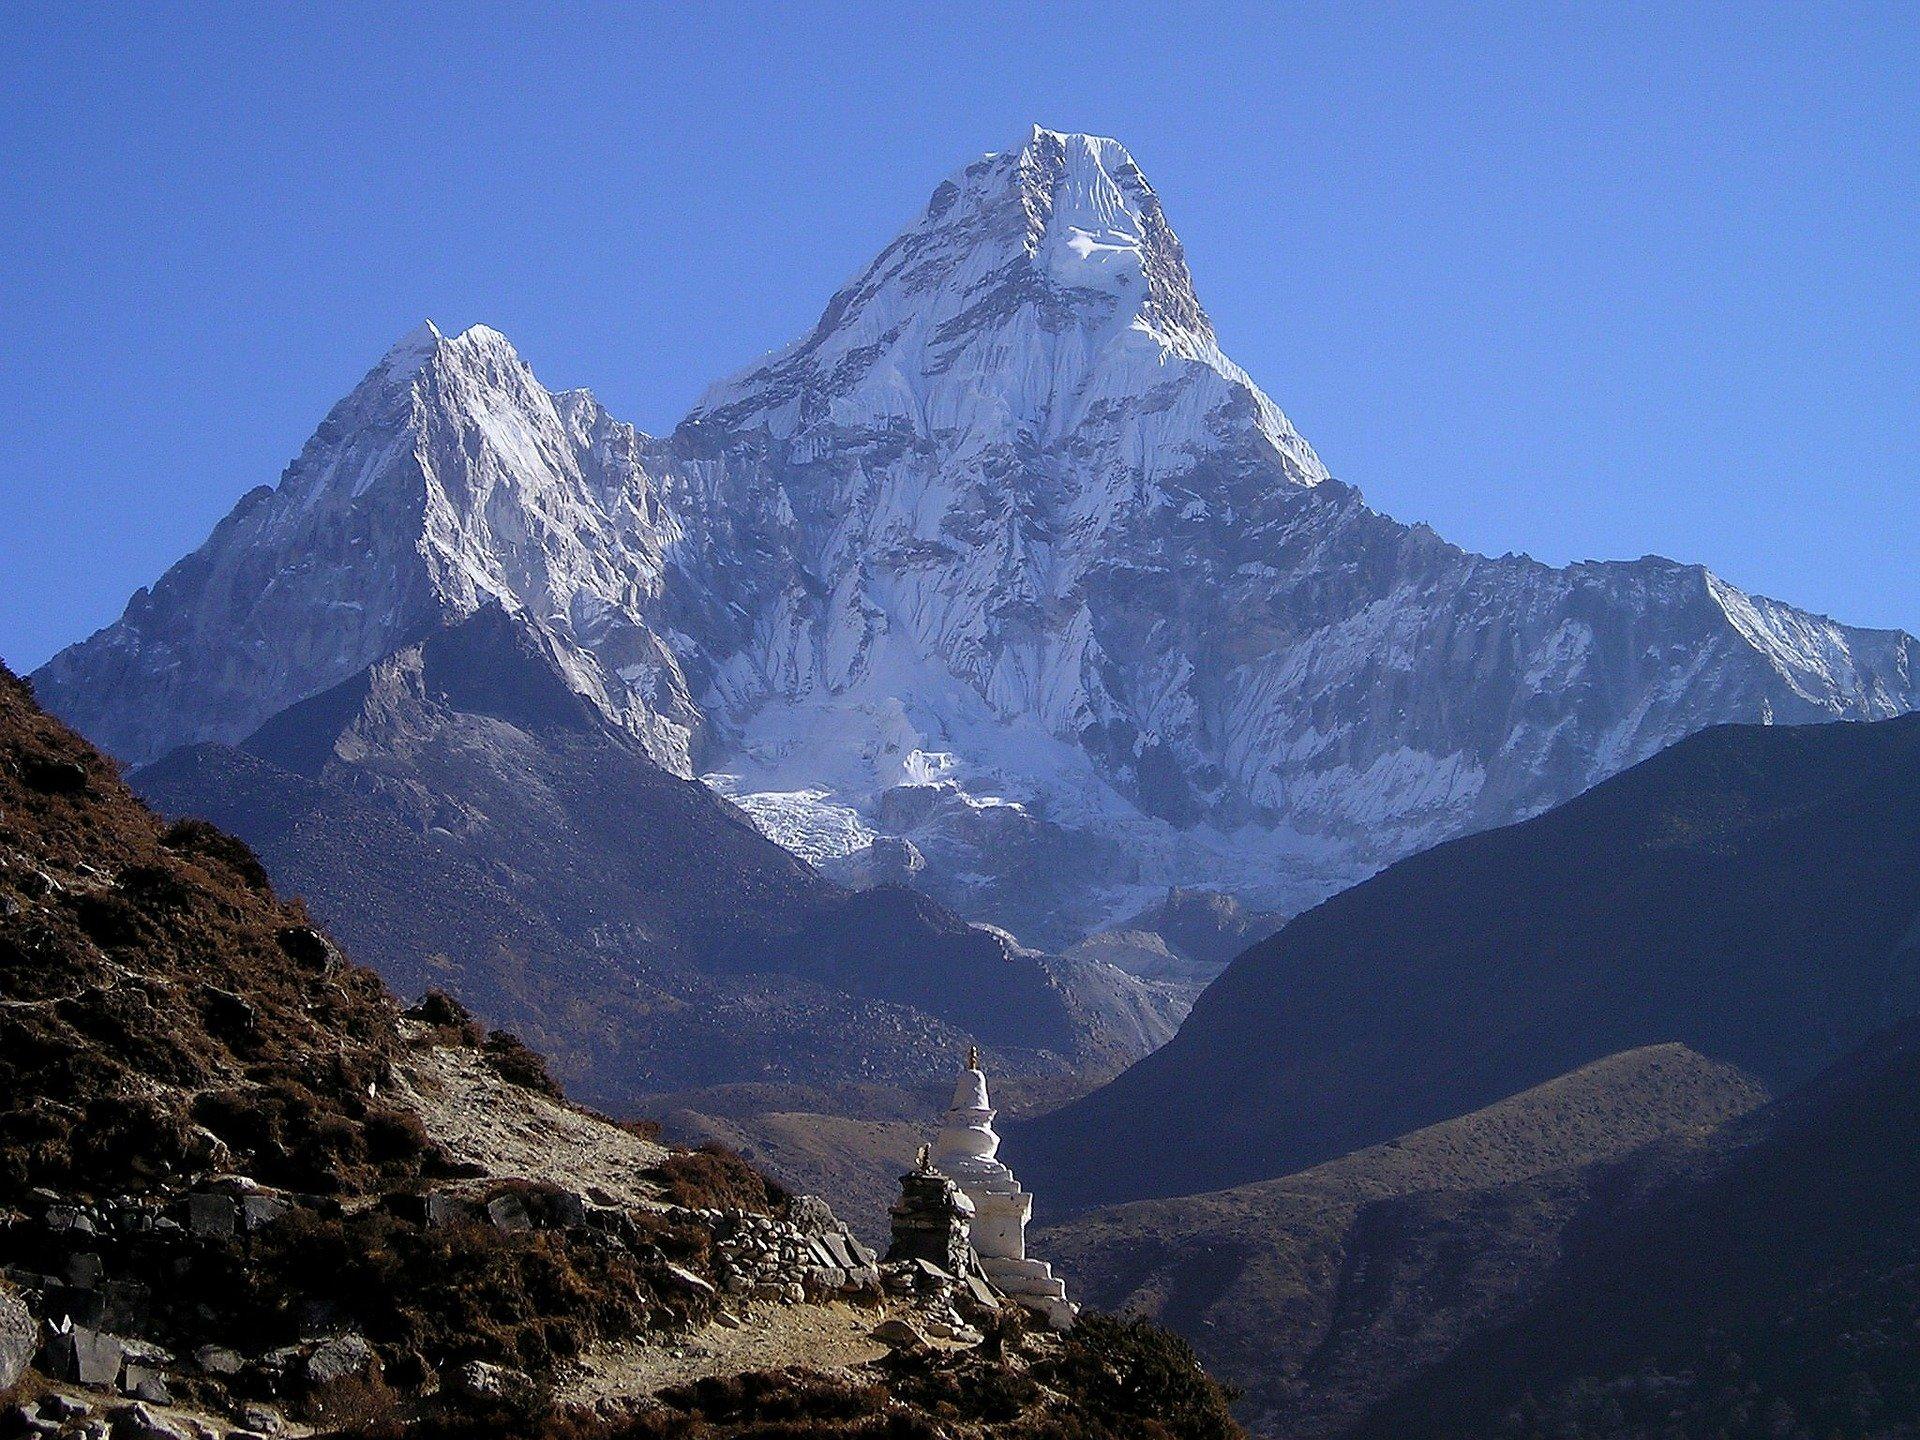 Microplásticos en el Everest